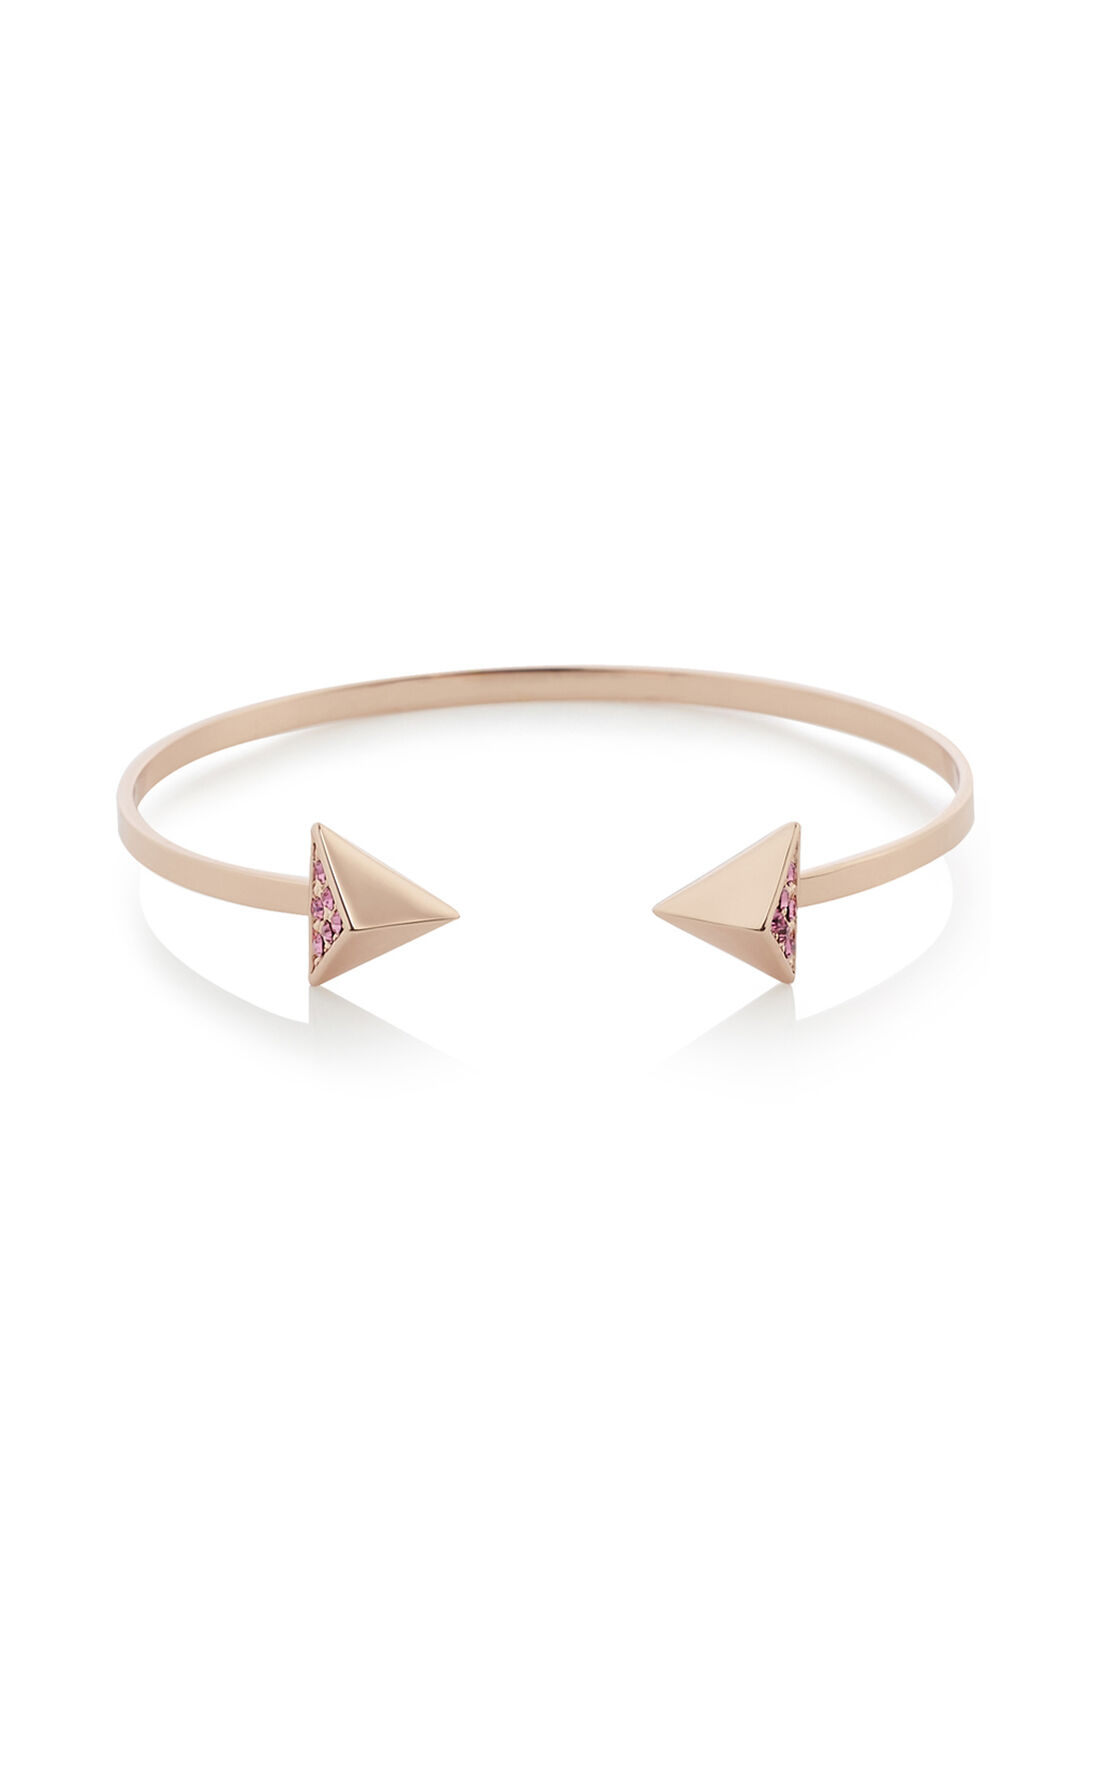 Karen Millen, Arrow bracelet Gold Col 0